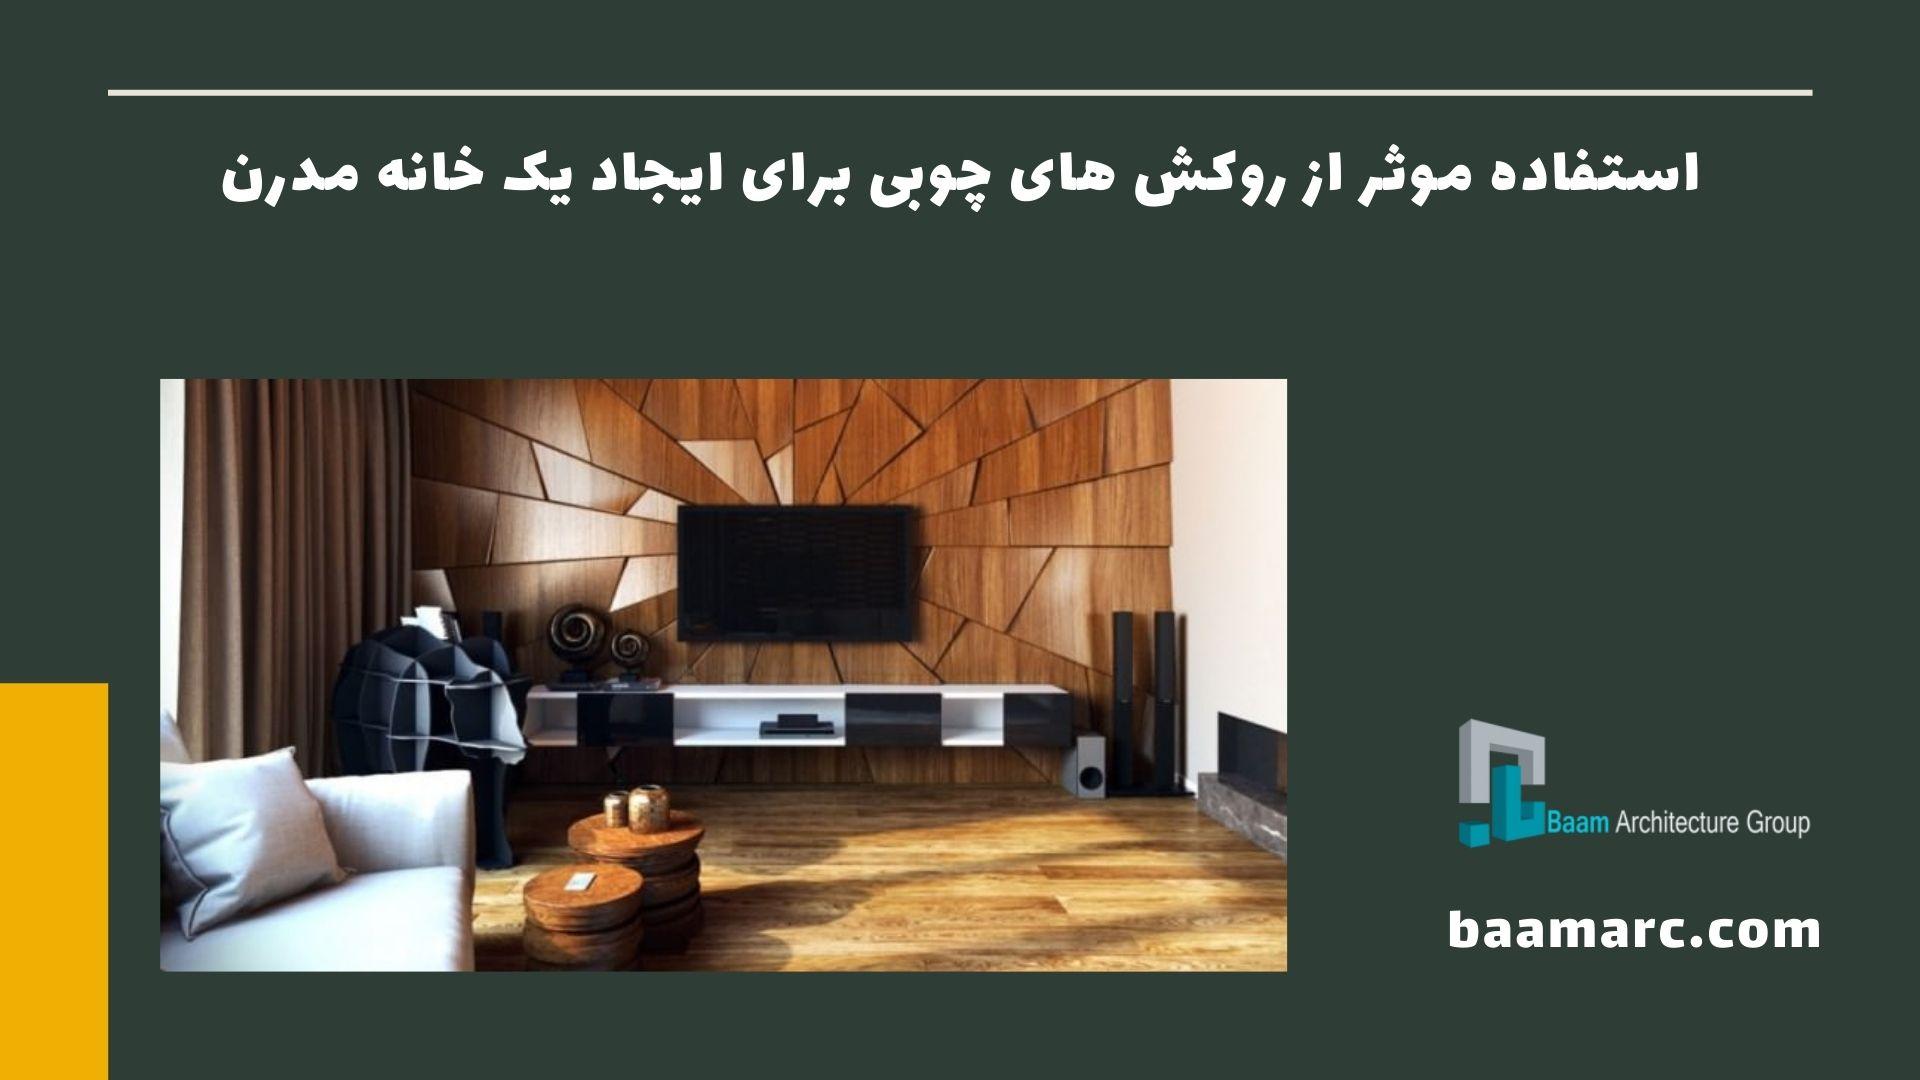 استفاده موثر از روکش های چوبی برای ایجاد یک خانه مدرن